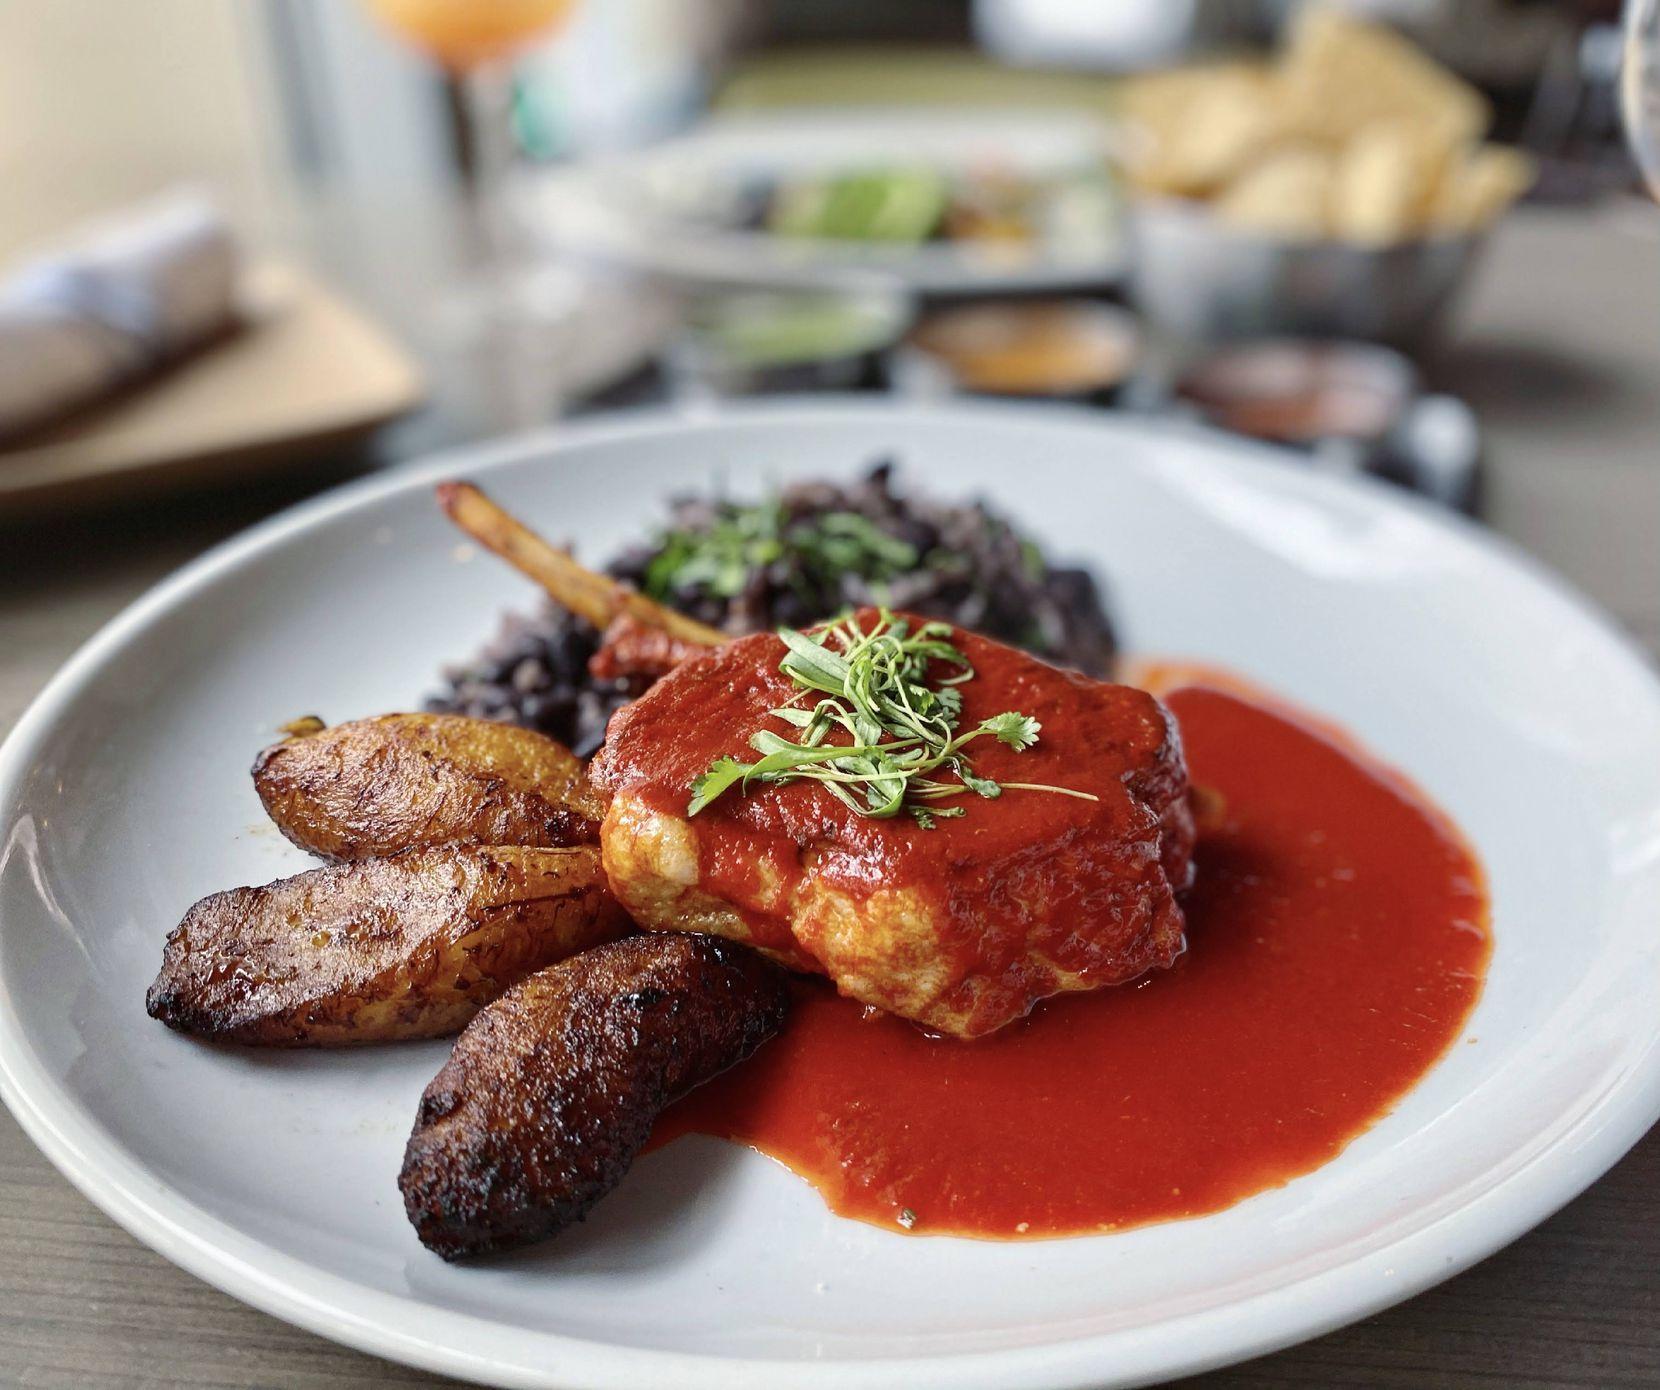 Miriam Cocina's Father's Day menu includes the Los Padres pork chop.